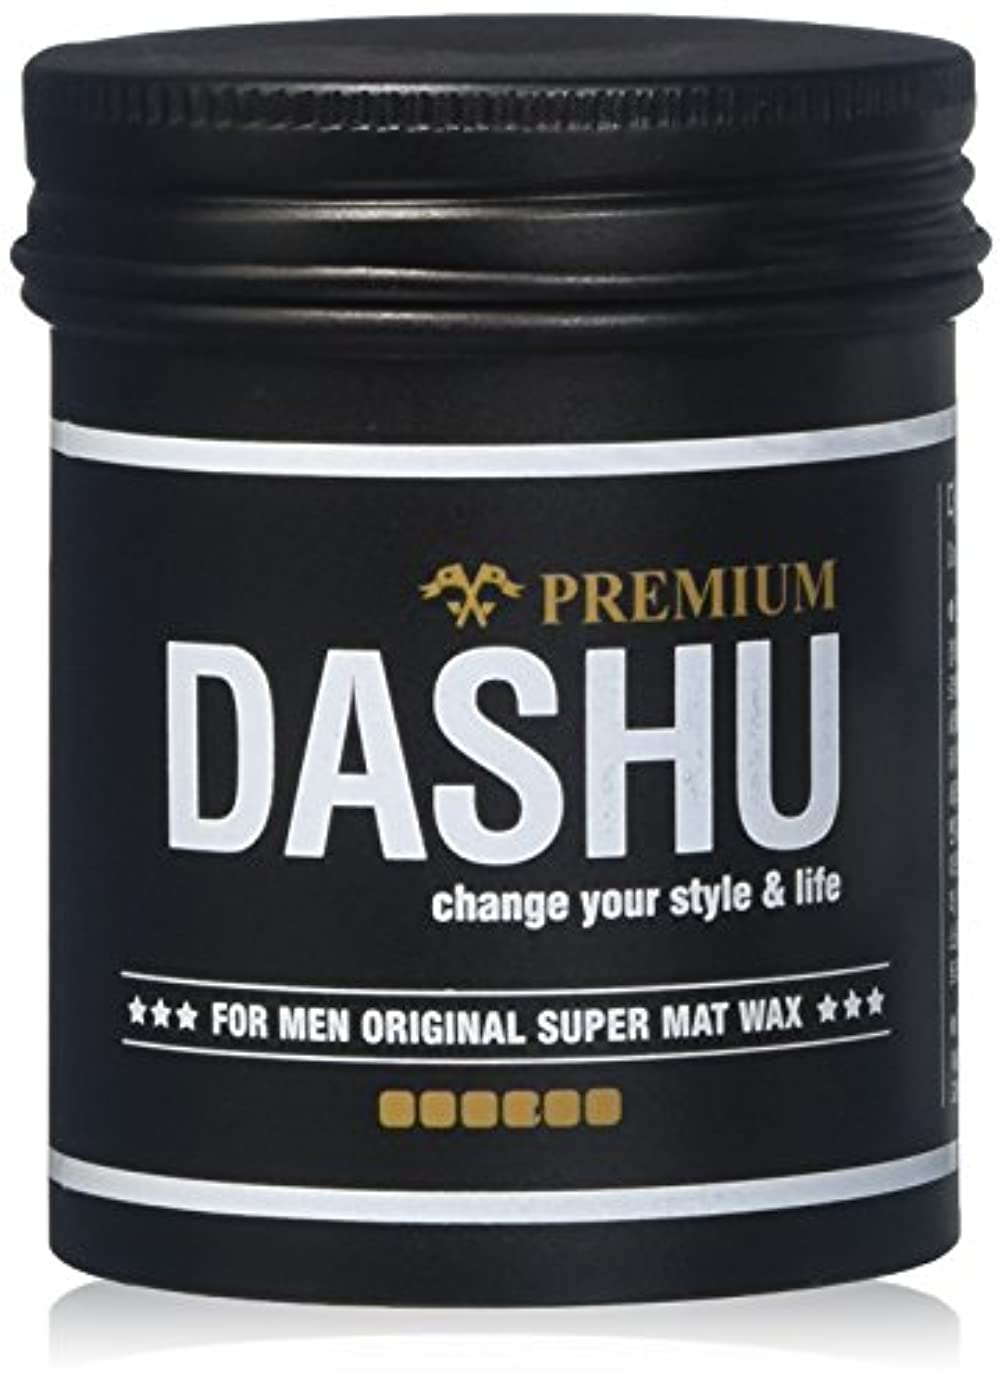 ムスプーノ受粉する[DASHU] ダシュ For Men男性用 オリジナルプレミアムスーパーマットワックス Original Premium Super Mat Wax 100ml / 韓国製 . 韓国直送品